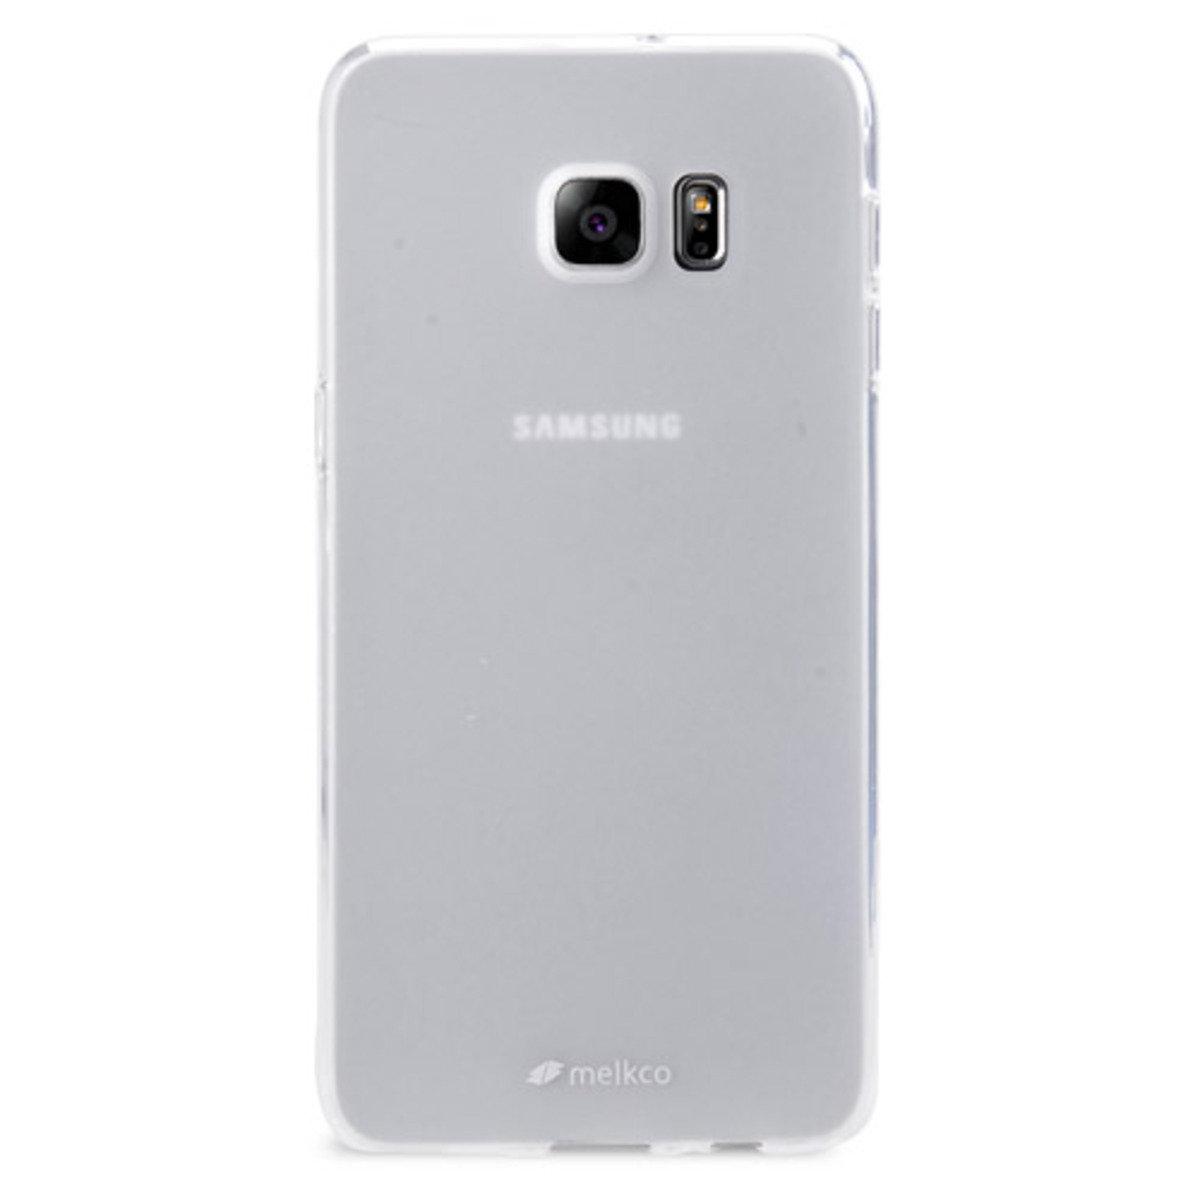 Galaxy S6 Edge Plus Poly Jacket手機保護殼 - 透明色(附送屏幕保護貼)